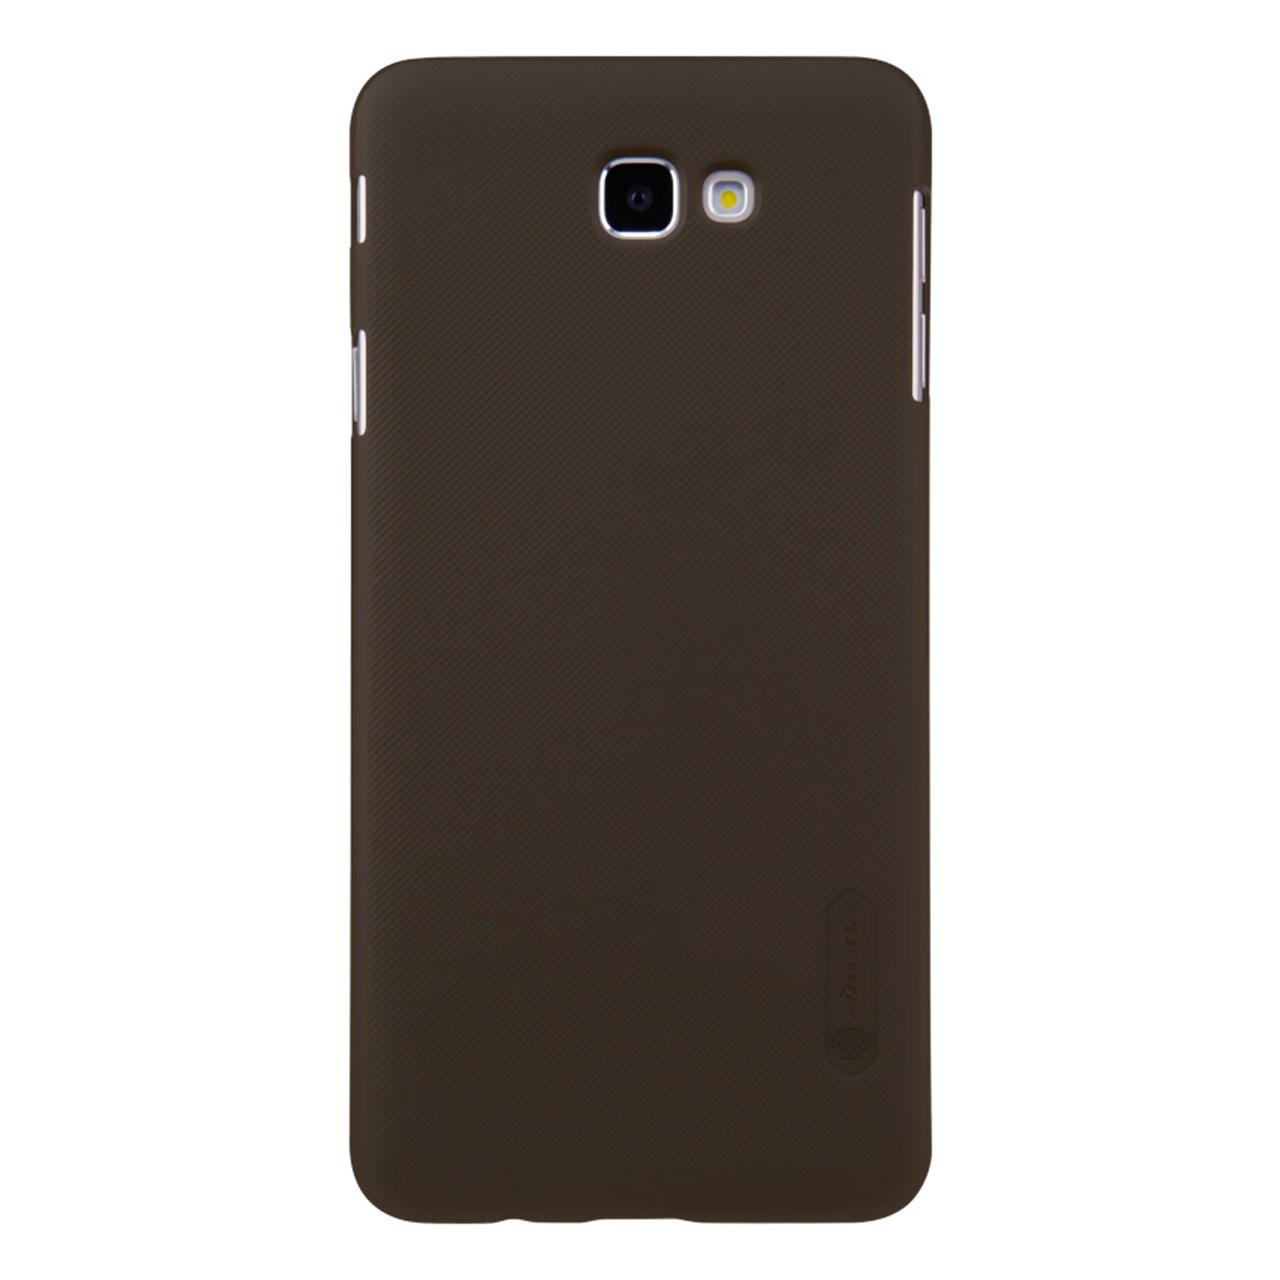 کاور نیلکین مدل Super Frosted Shield مناسب برای گوشی موبایل سامسونگ Galaxy J5 Prime